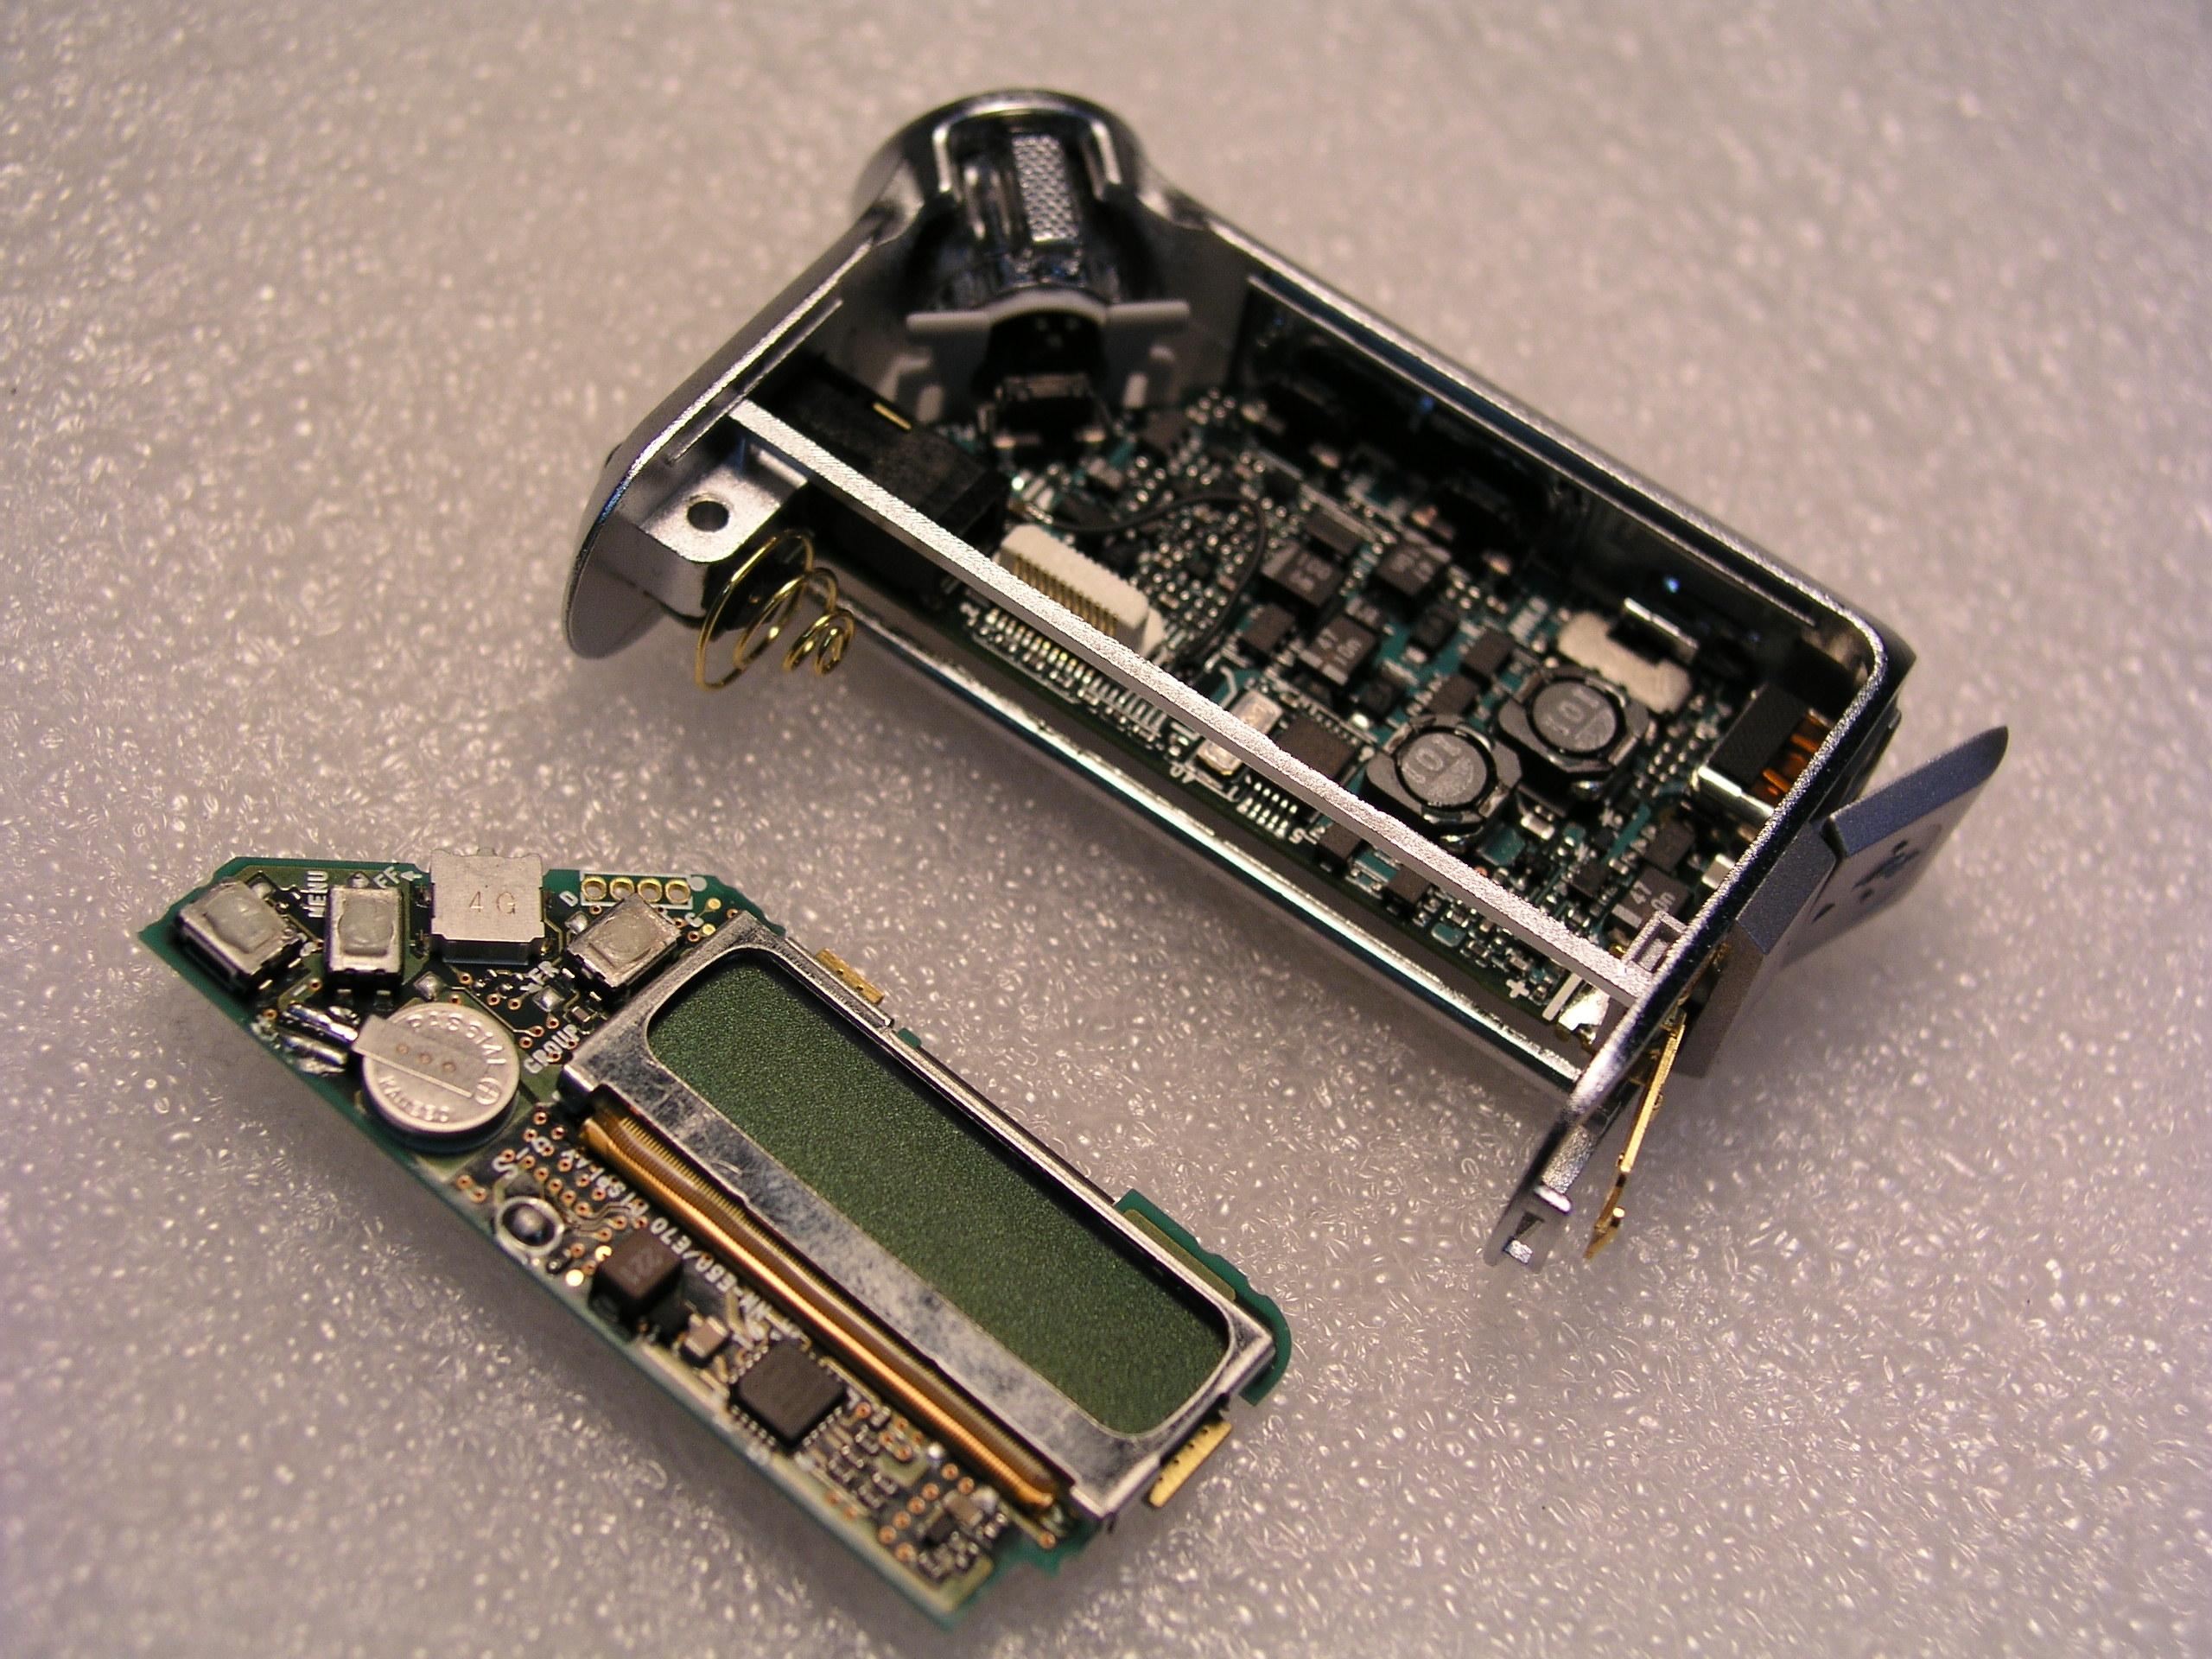 采用双层电路板设计